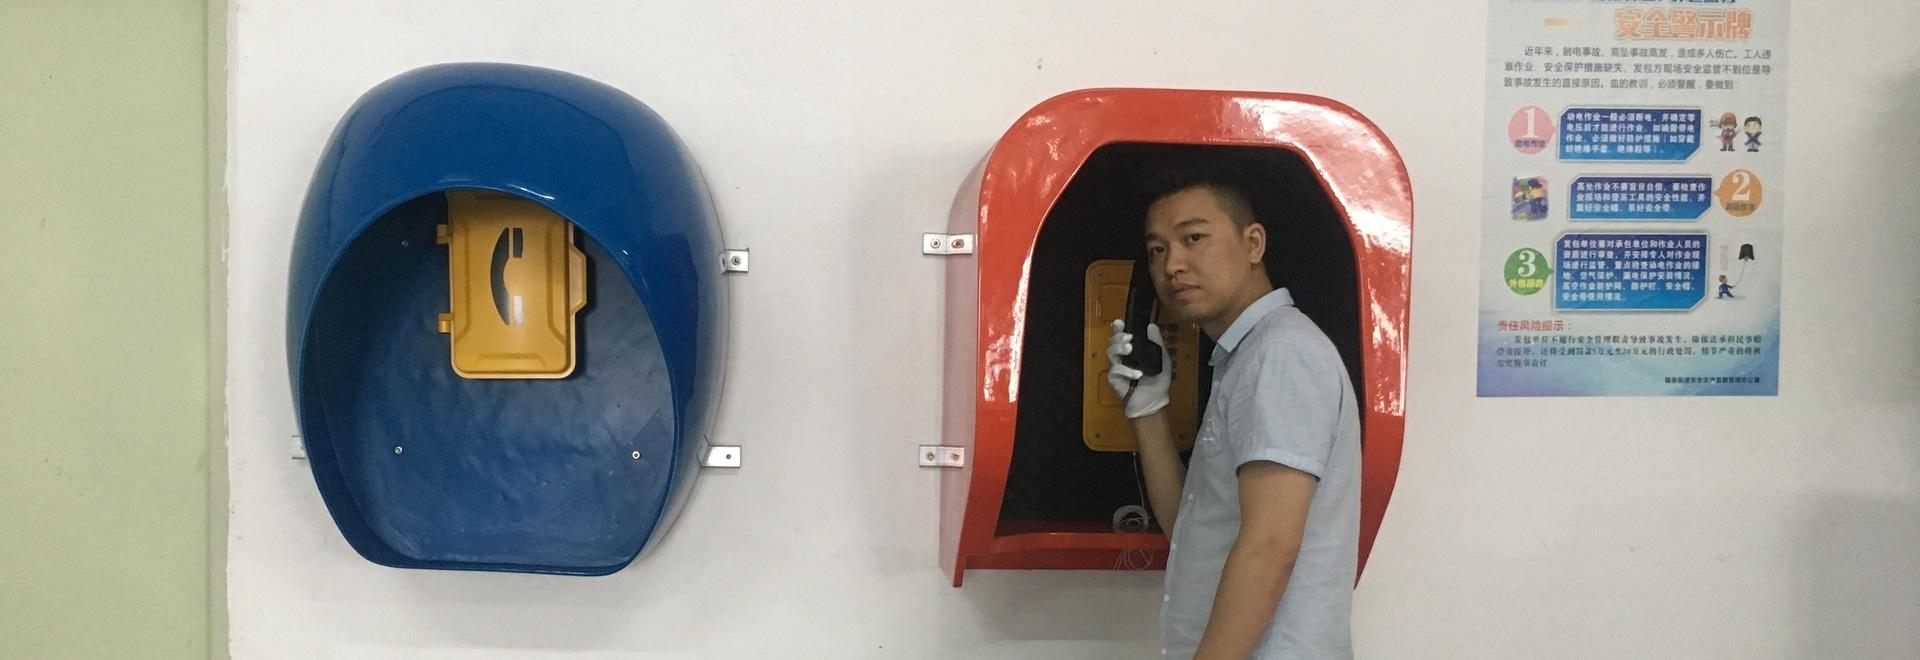 Le JR cabines téléphoniques extérieures avait installé dans une usine de moule en Chine